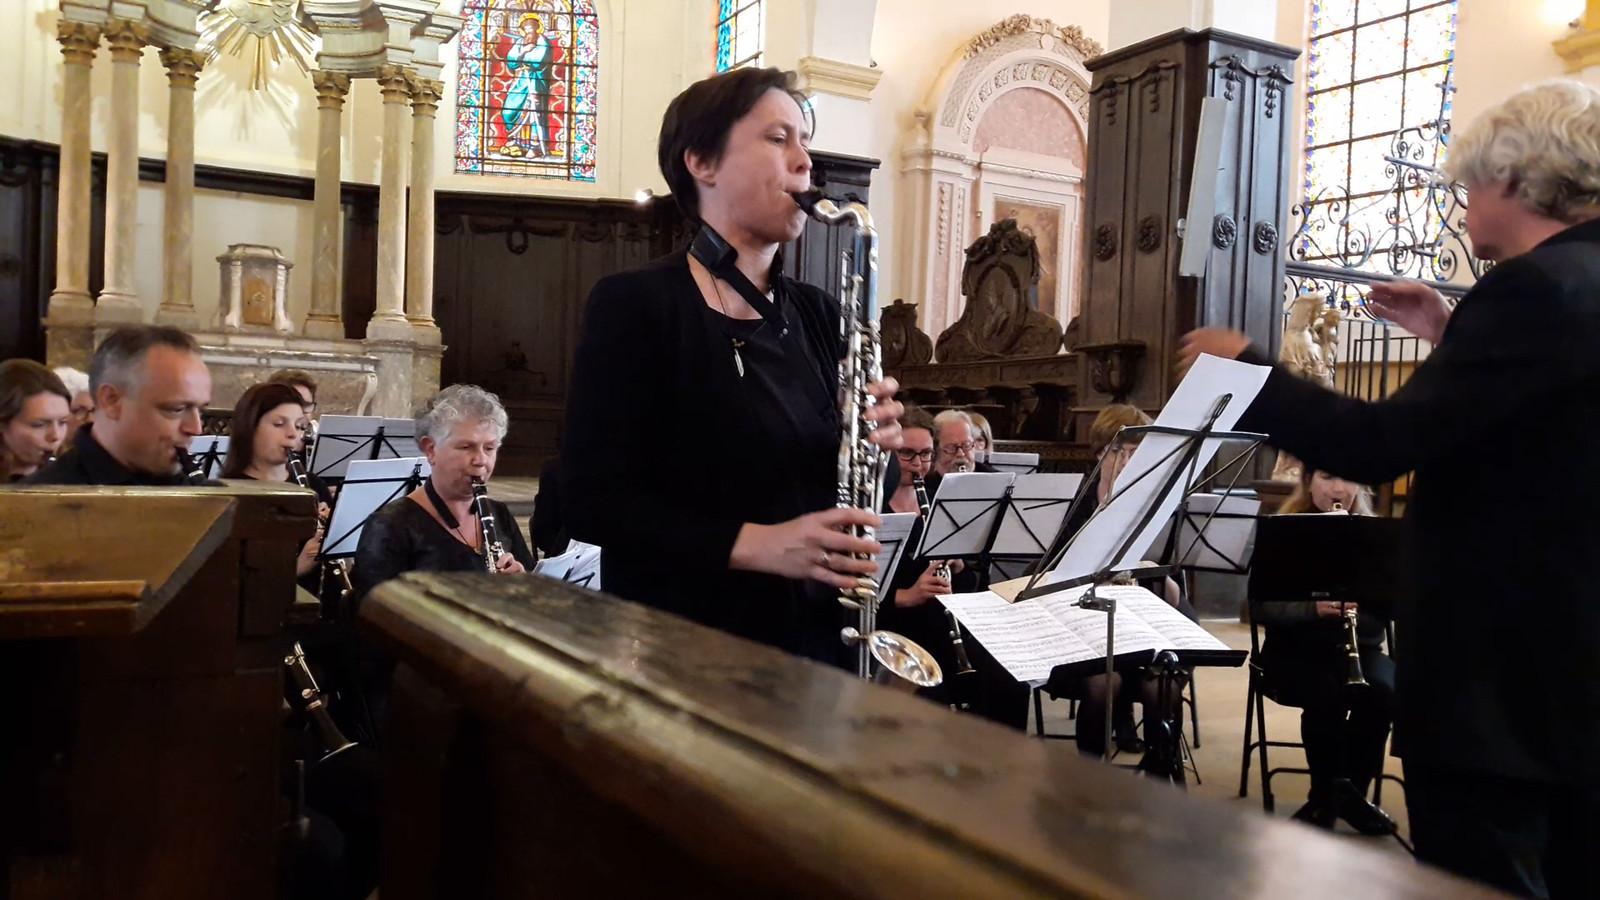 KlarinetNsemble Hilvarenbeek concerteert in de kerk van de citadel van Montmedy in Frankrijk (solist Monique Goedendorp)